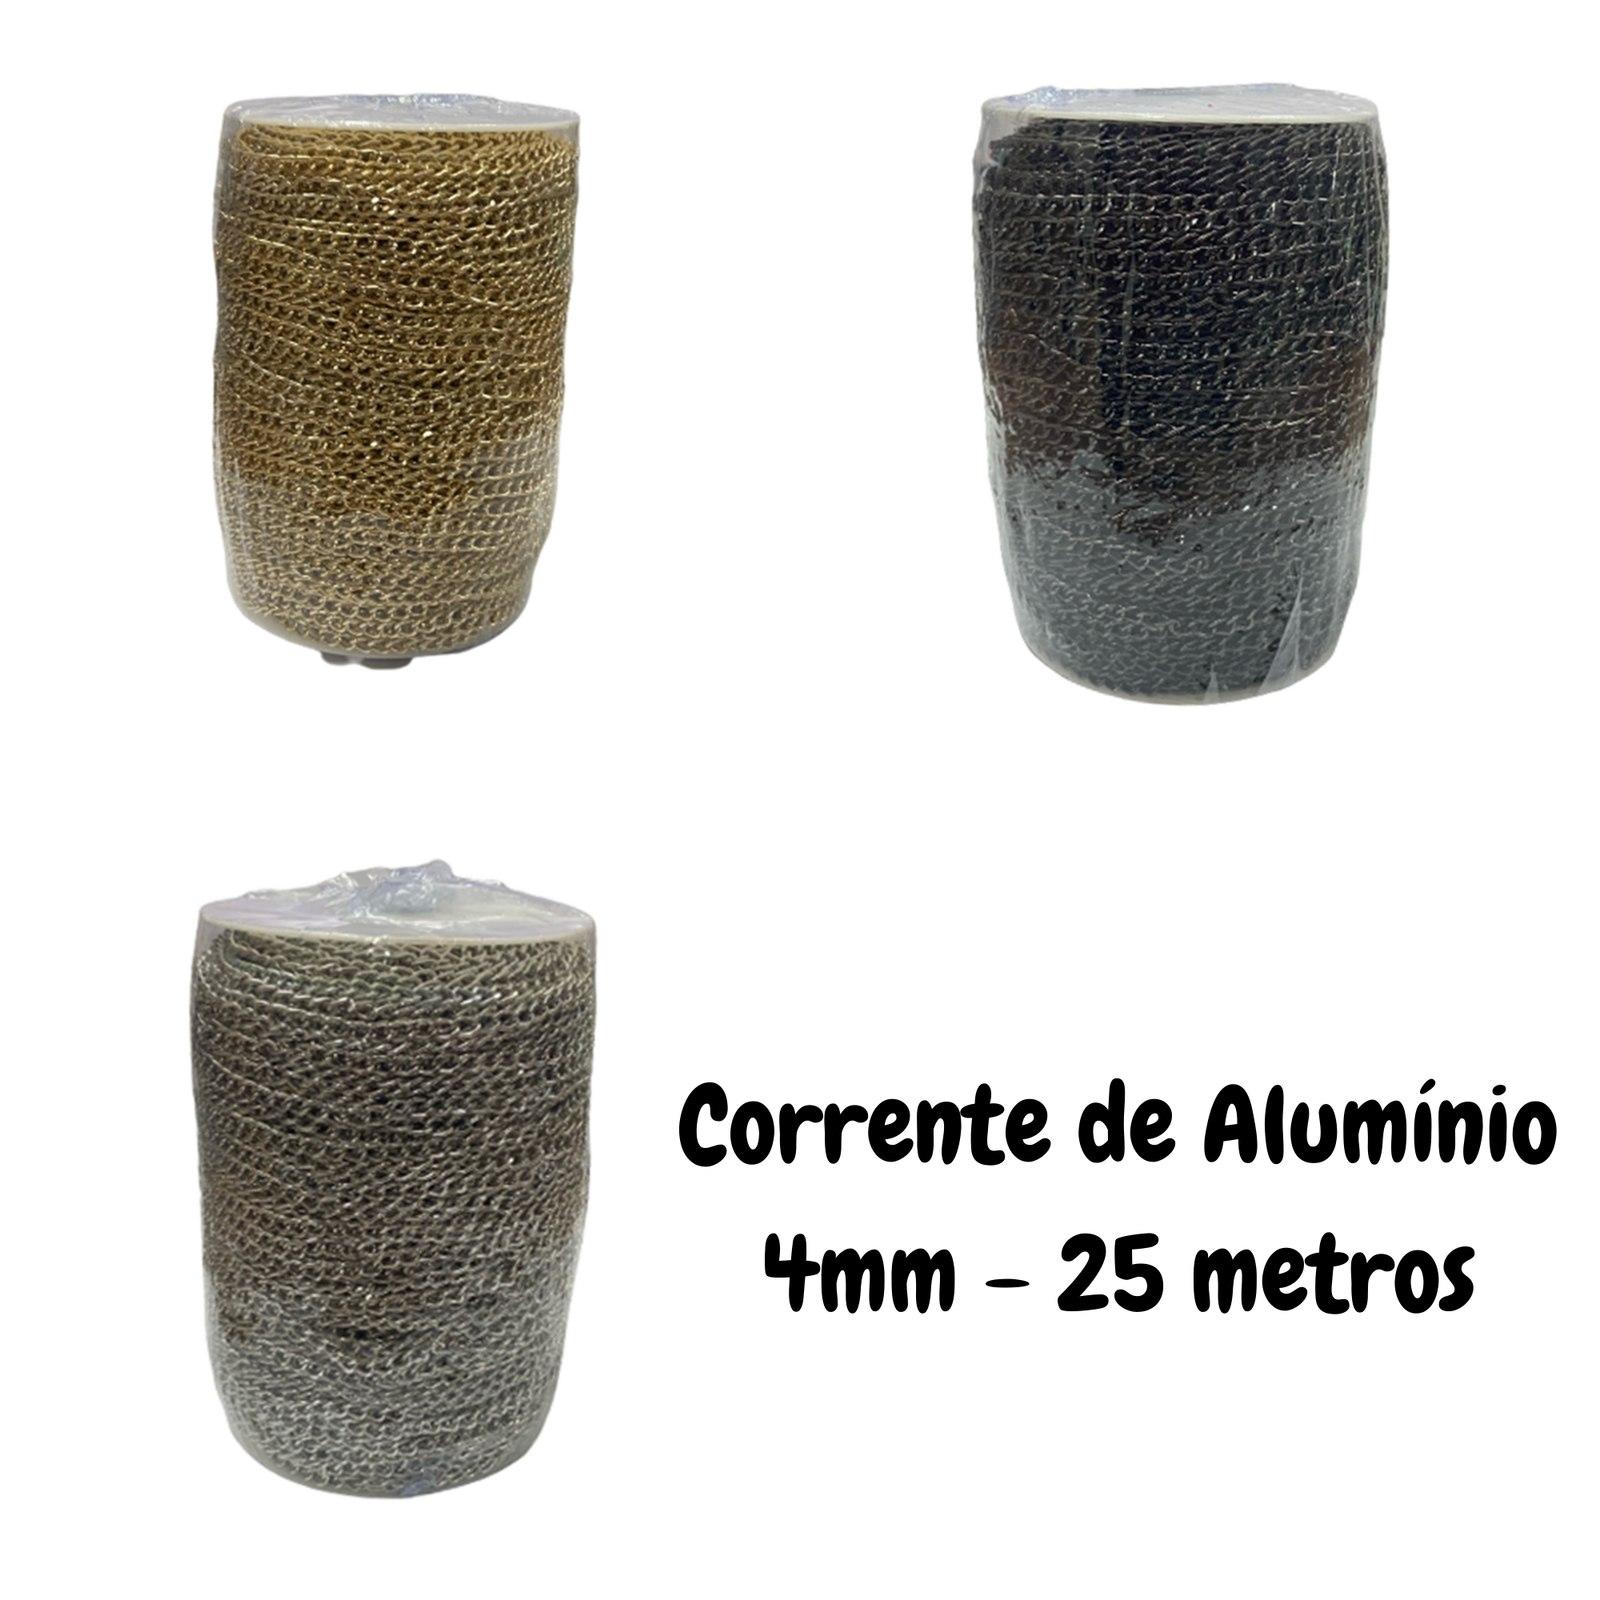 Corrente de Alumínio 4mm - 100 metros